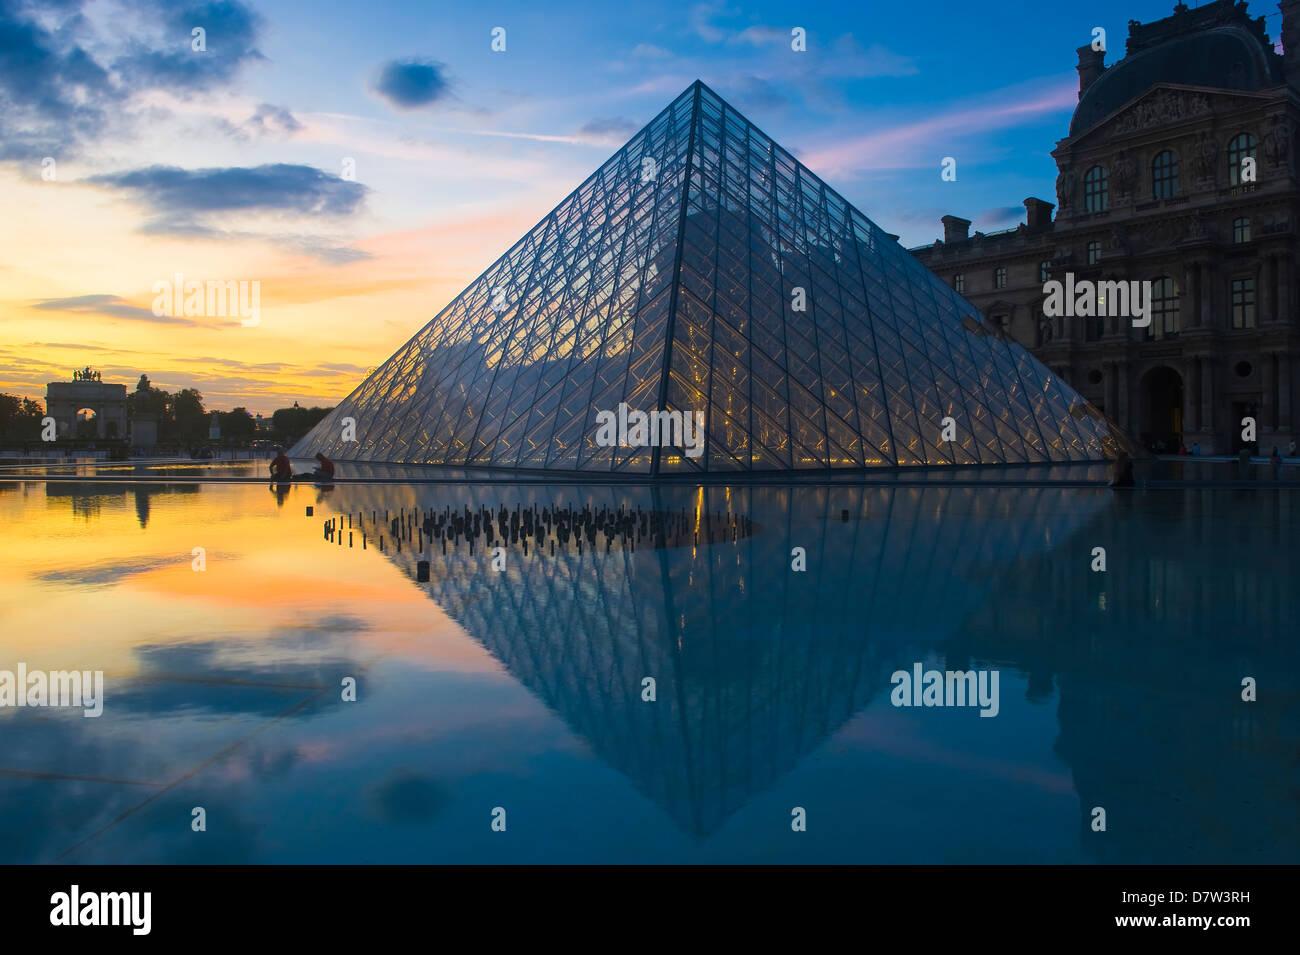 Louvre Pyramide al tramonto, Parigi, Francia Immagini Stock